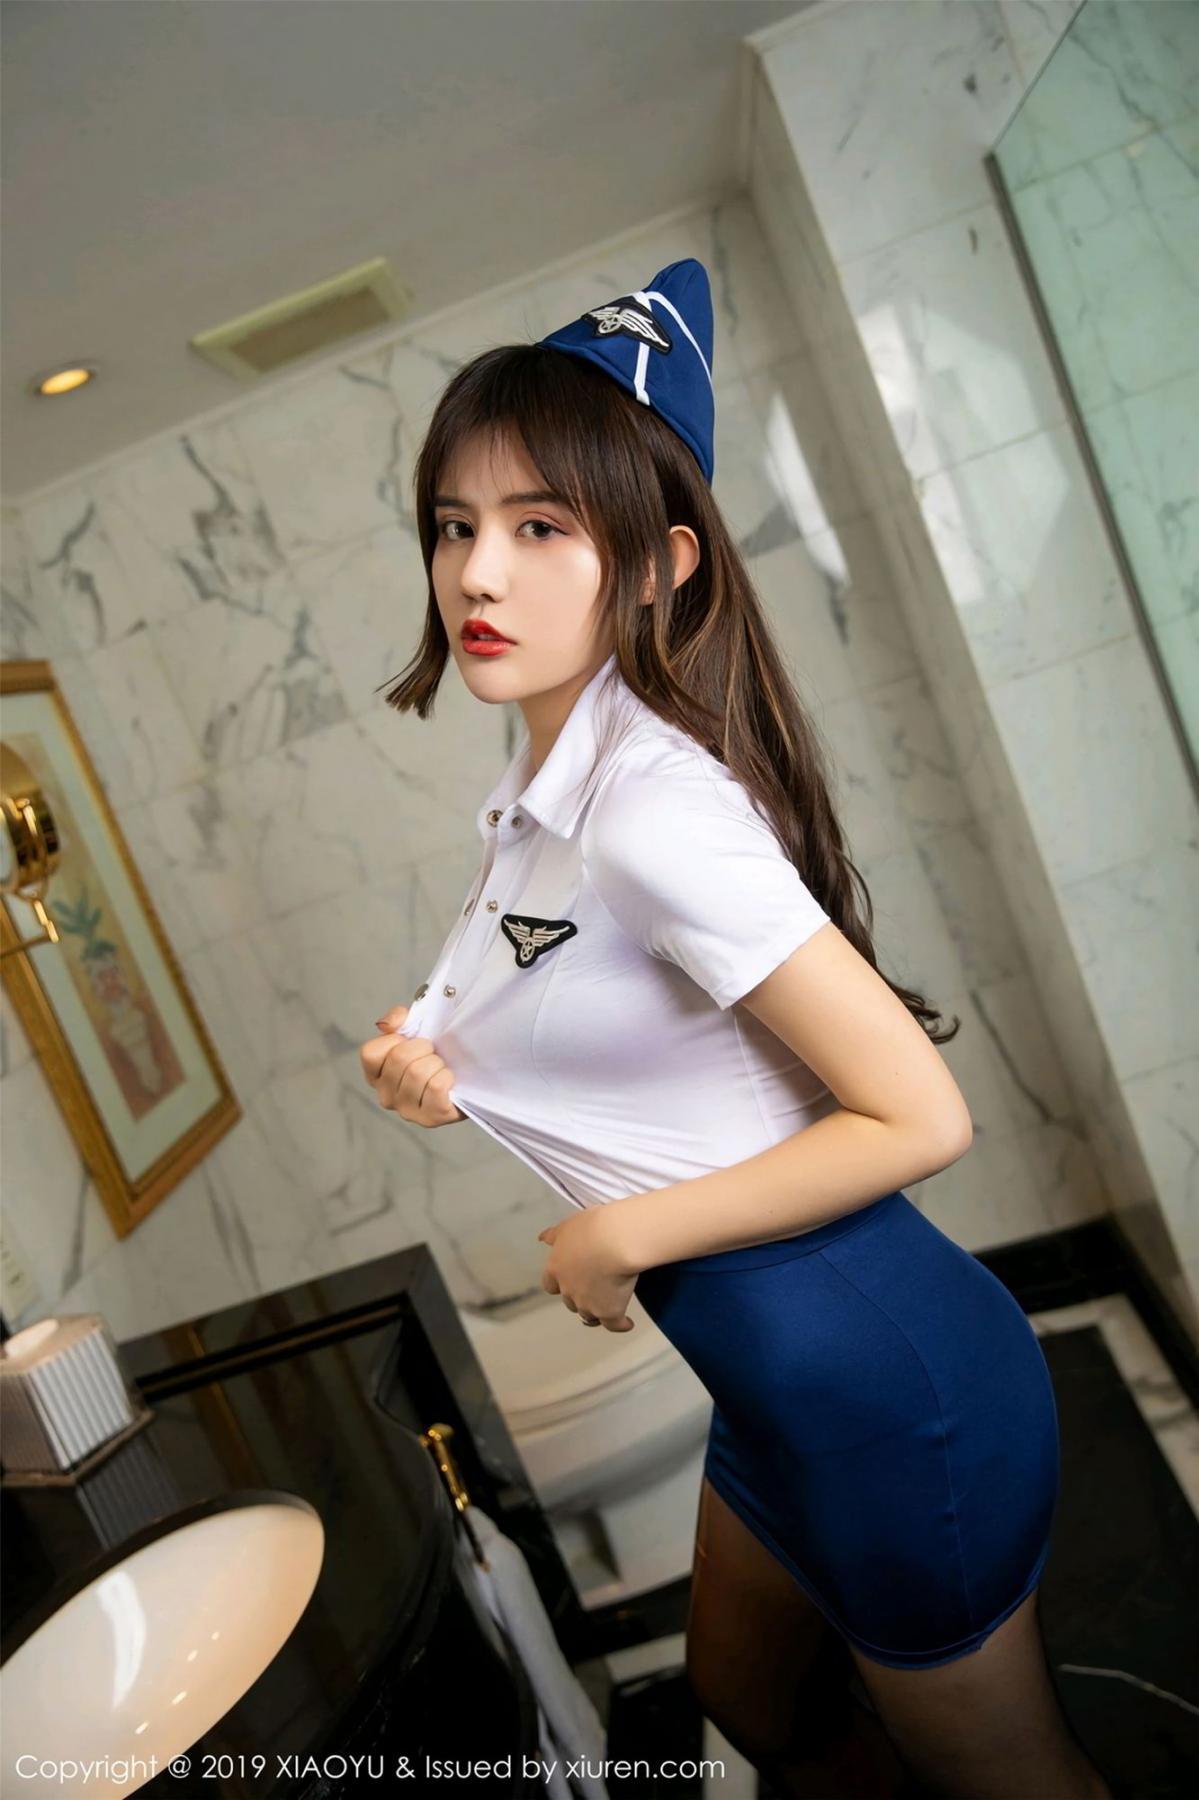 [XIAOYU] Vol.117 Zhuo Ya Qi 12P, Black Silk, Stewardess, Tall, XiaoYu, Zhuo Ya Qi